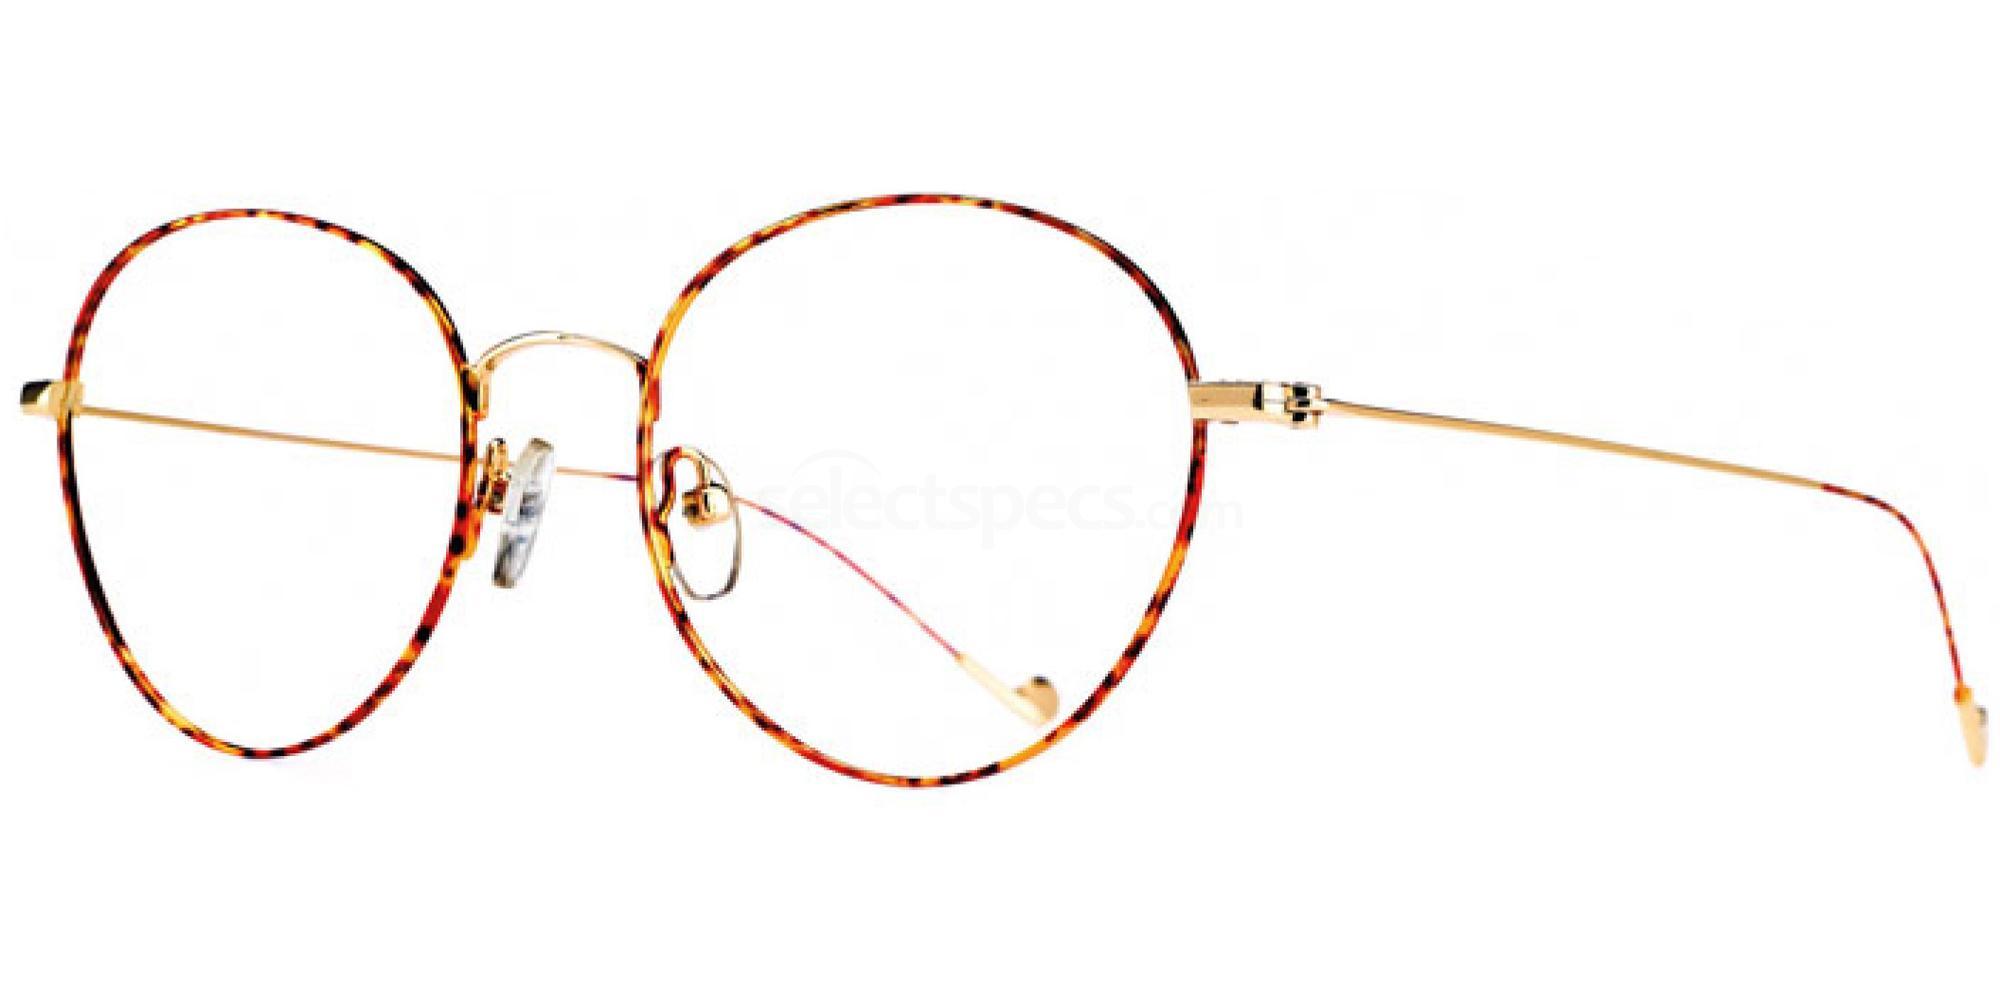 C1 i Wear 6055 Glasses, i Wear